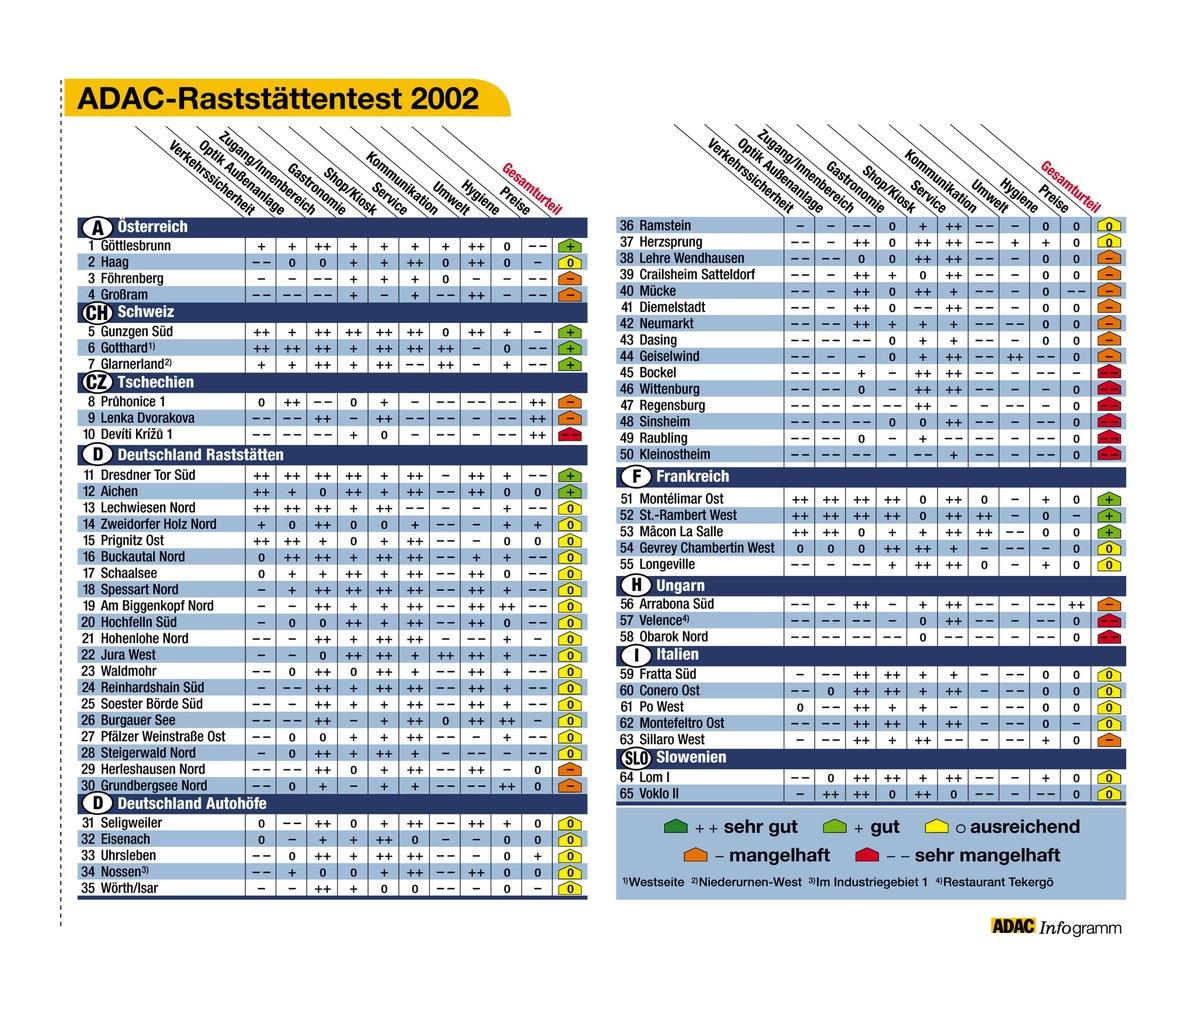 Adac Raststattentest 2002 Osteuropaische Anlagen Mit Grossen